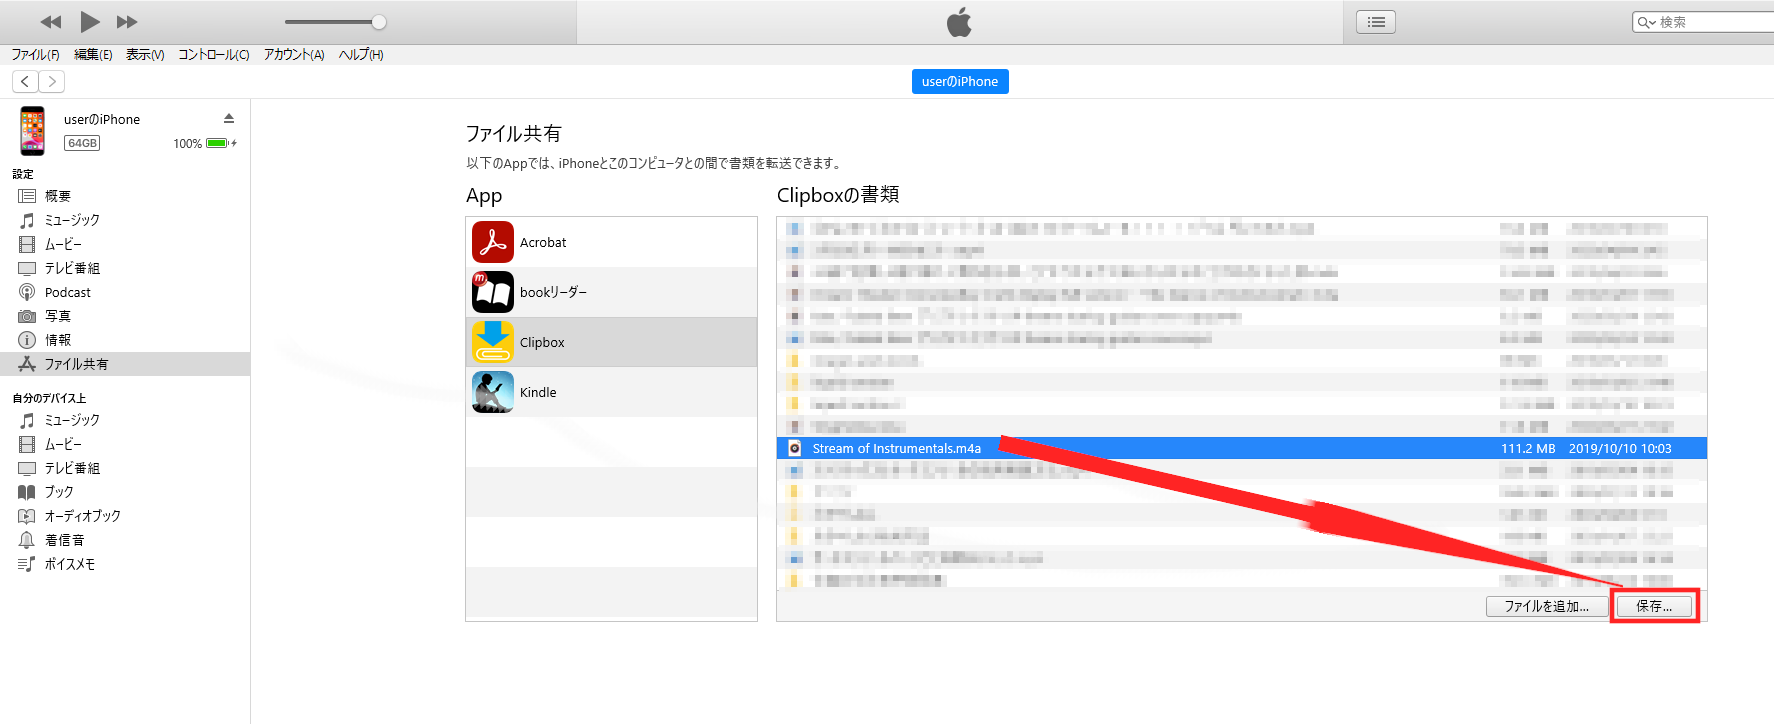 Clipbox内に保存されているデータが一覧で表示されますので、移行したいデータをPCへ保存します。